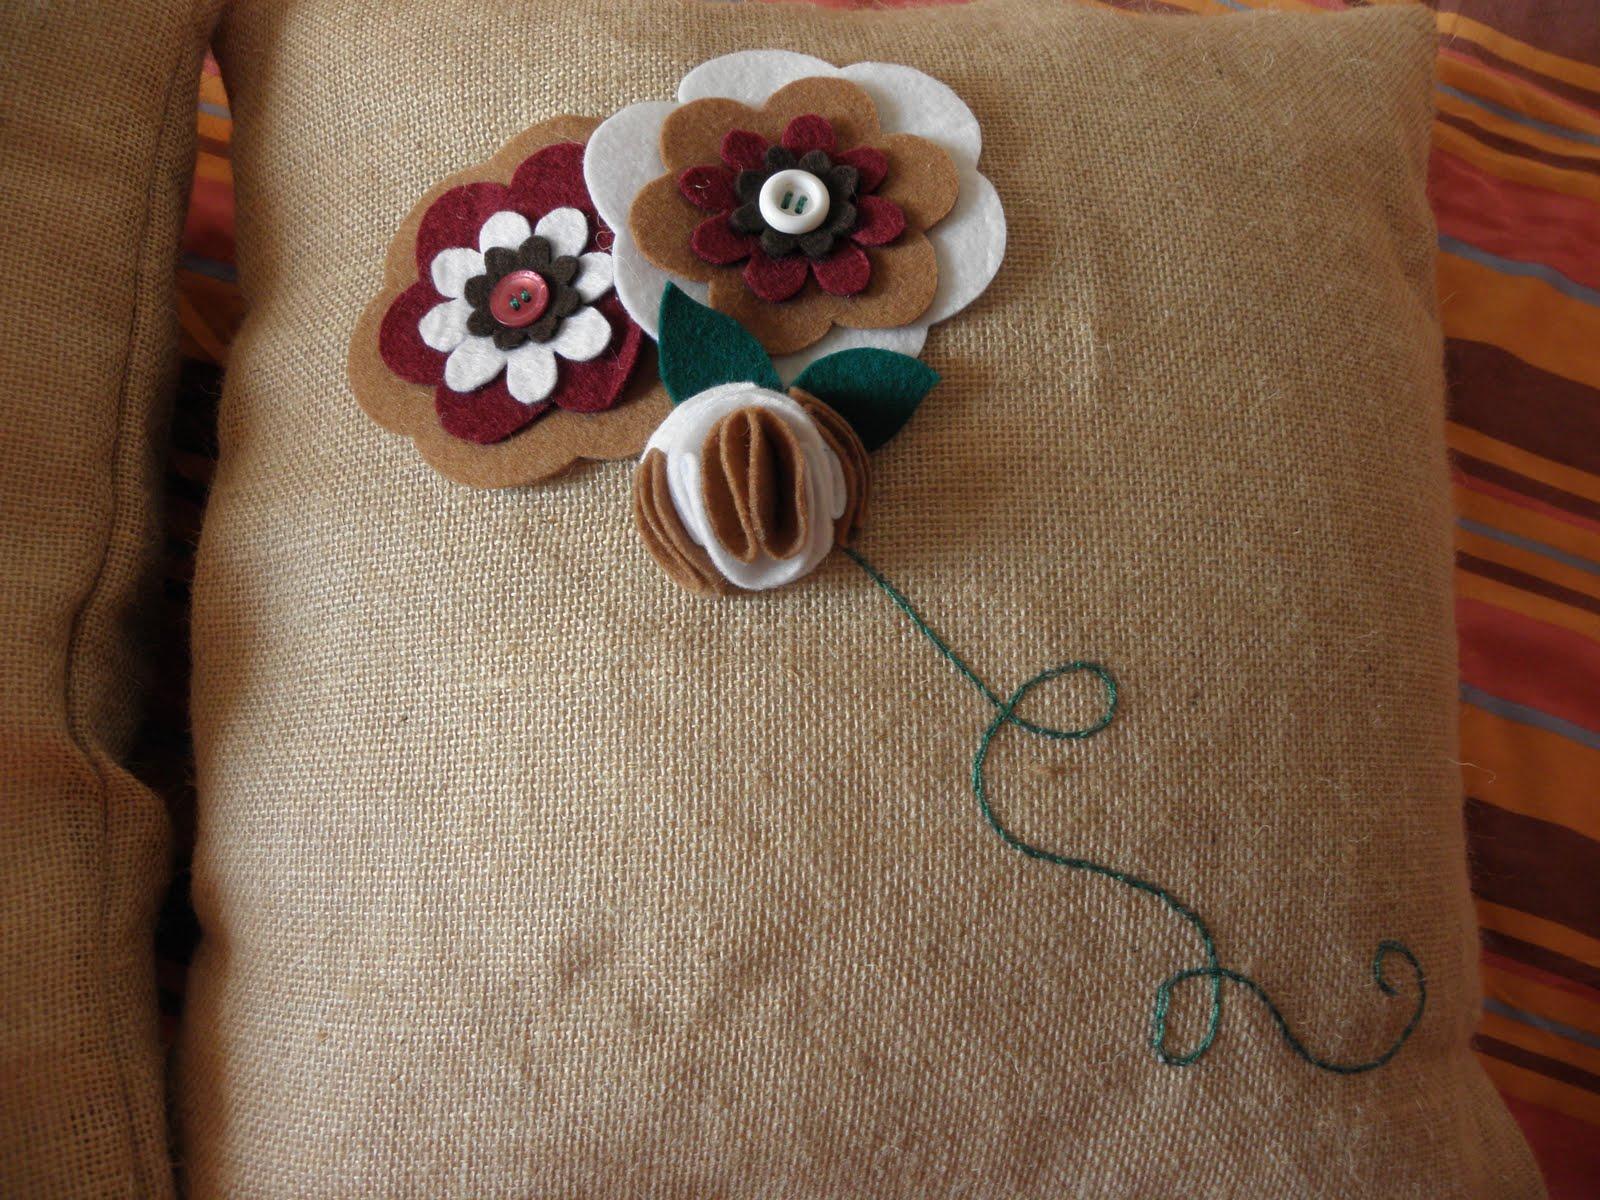 Muecos country en pinterest - Manualidades con tela de saco ...